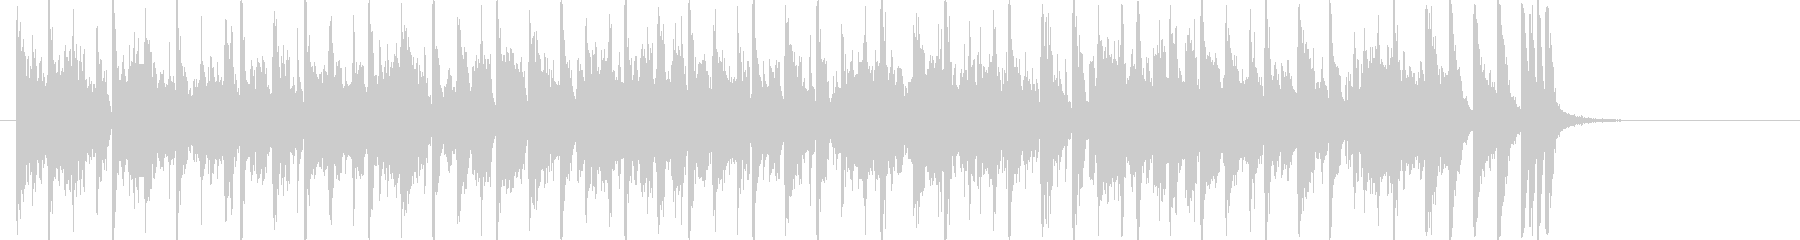 30秒 Vo無 レトロ元気な映像B37 の未再生の波形